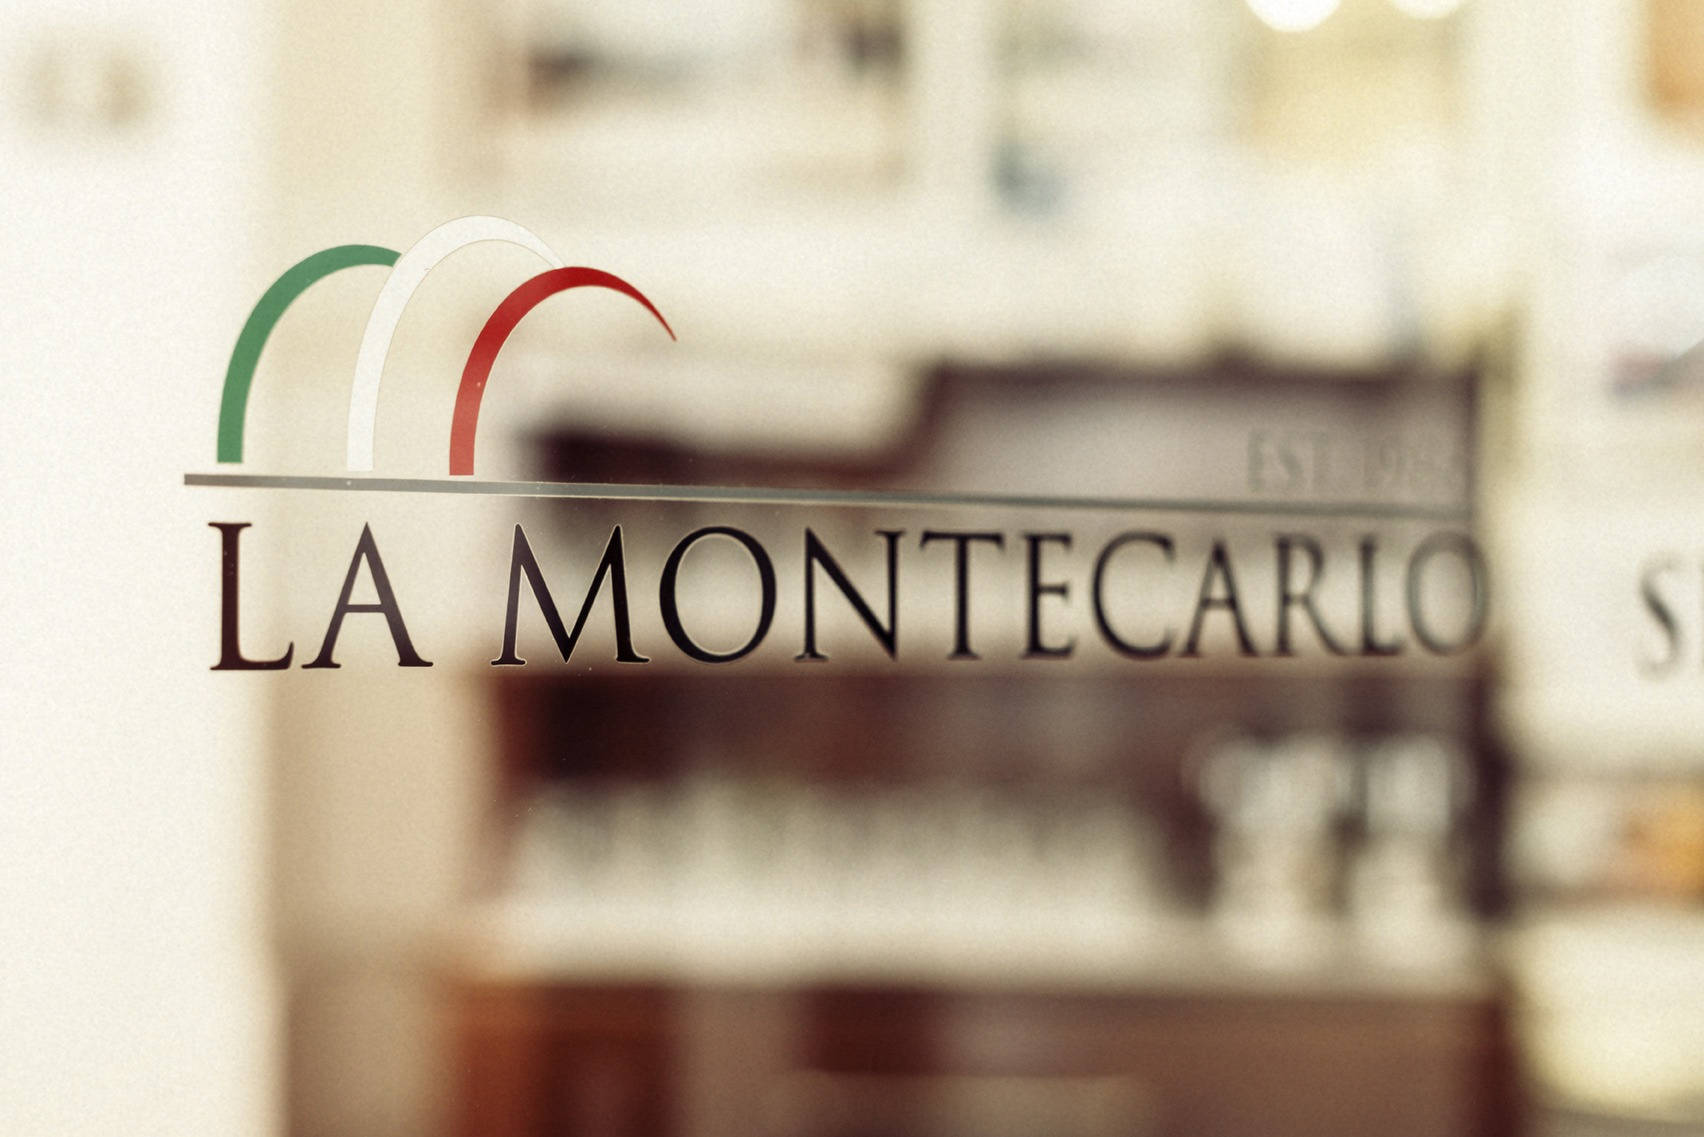 La montecarlo pizzeria roma pizzeria storica di - Zara home porta di roma ...